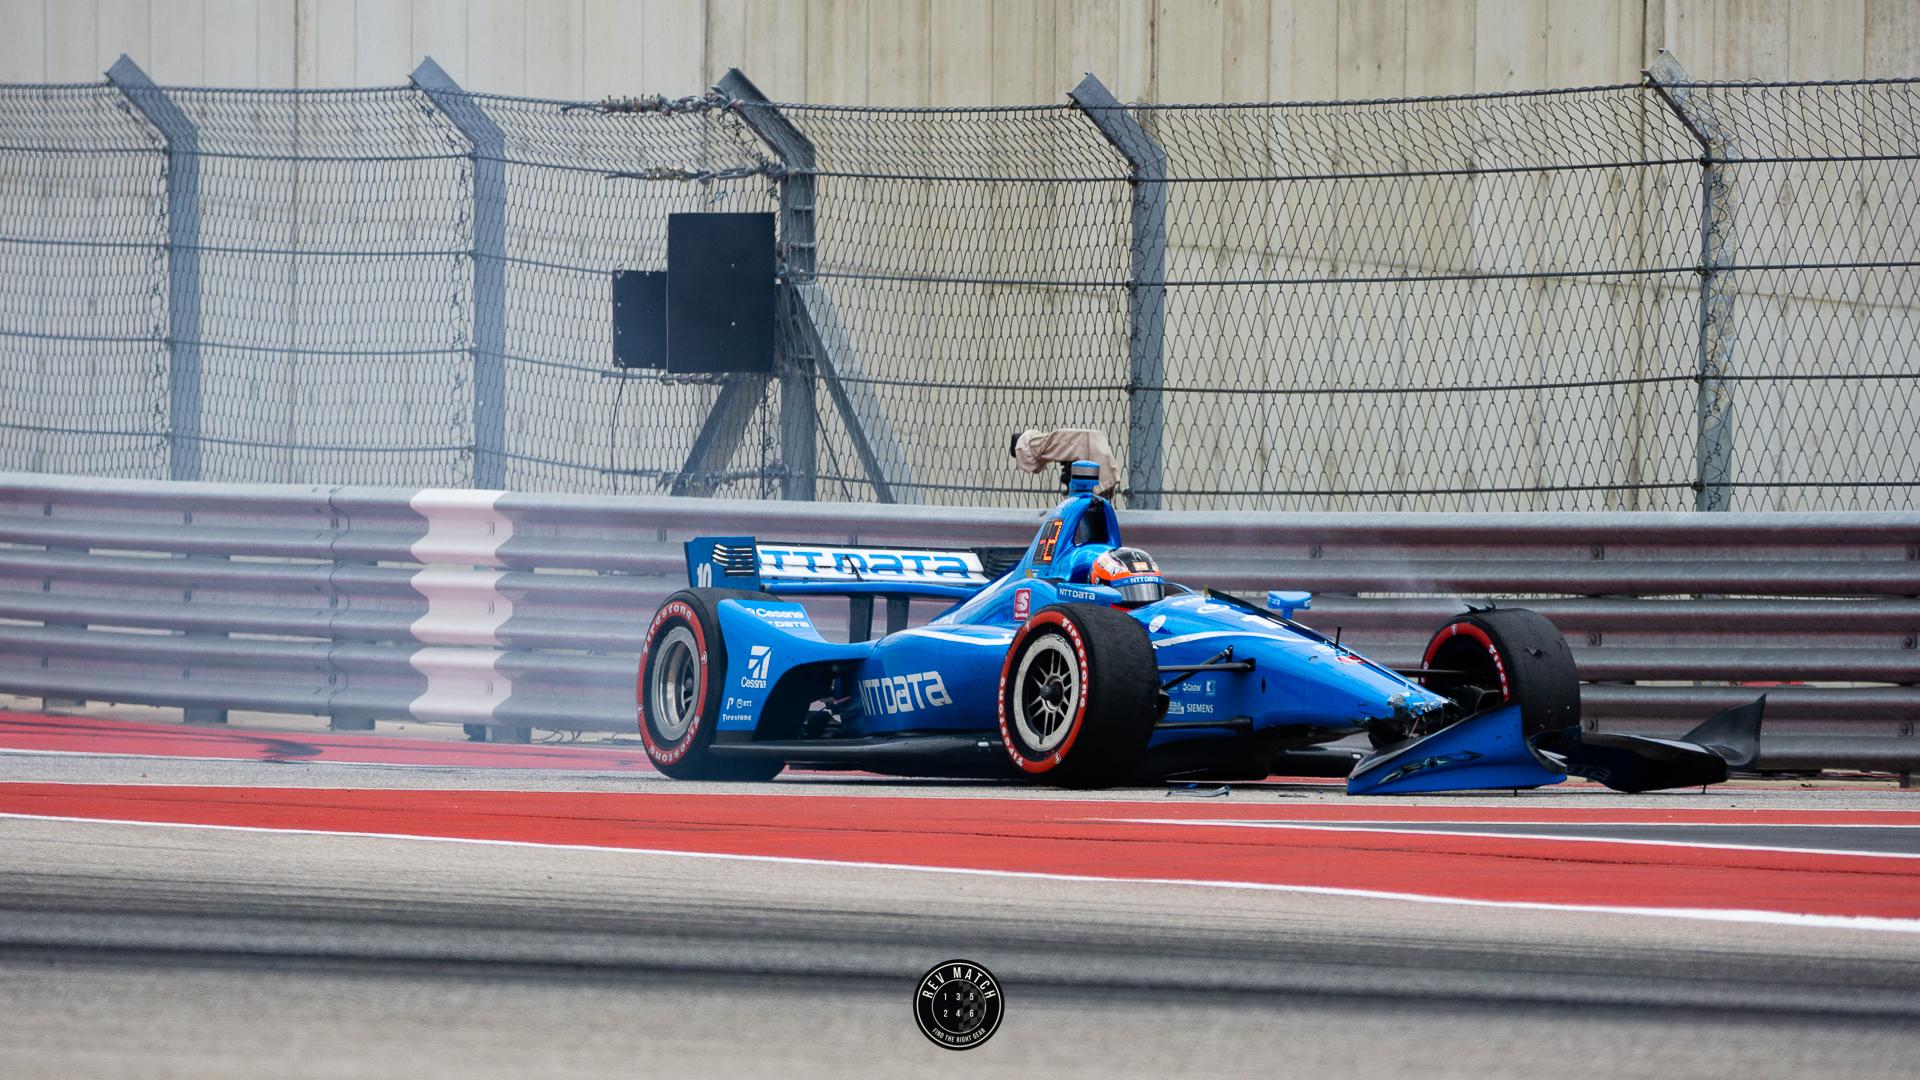 IndyCar-Classic-COTA-2019-Rev-Match-Media-193.jpg